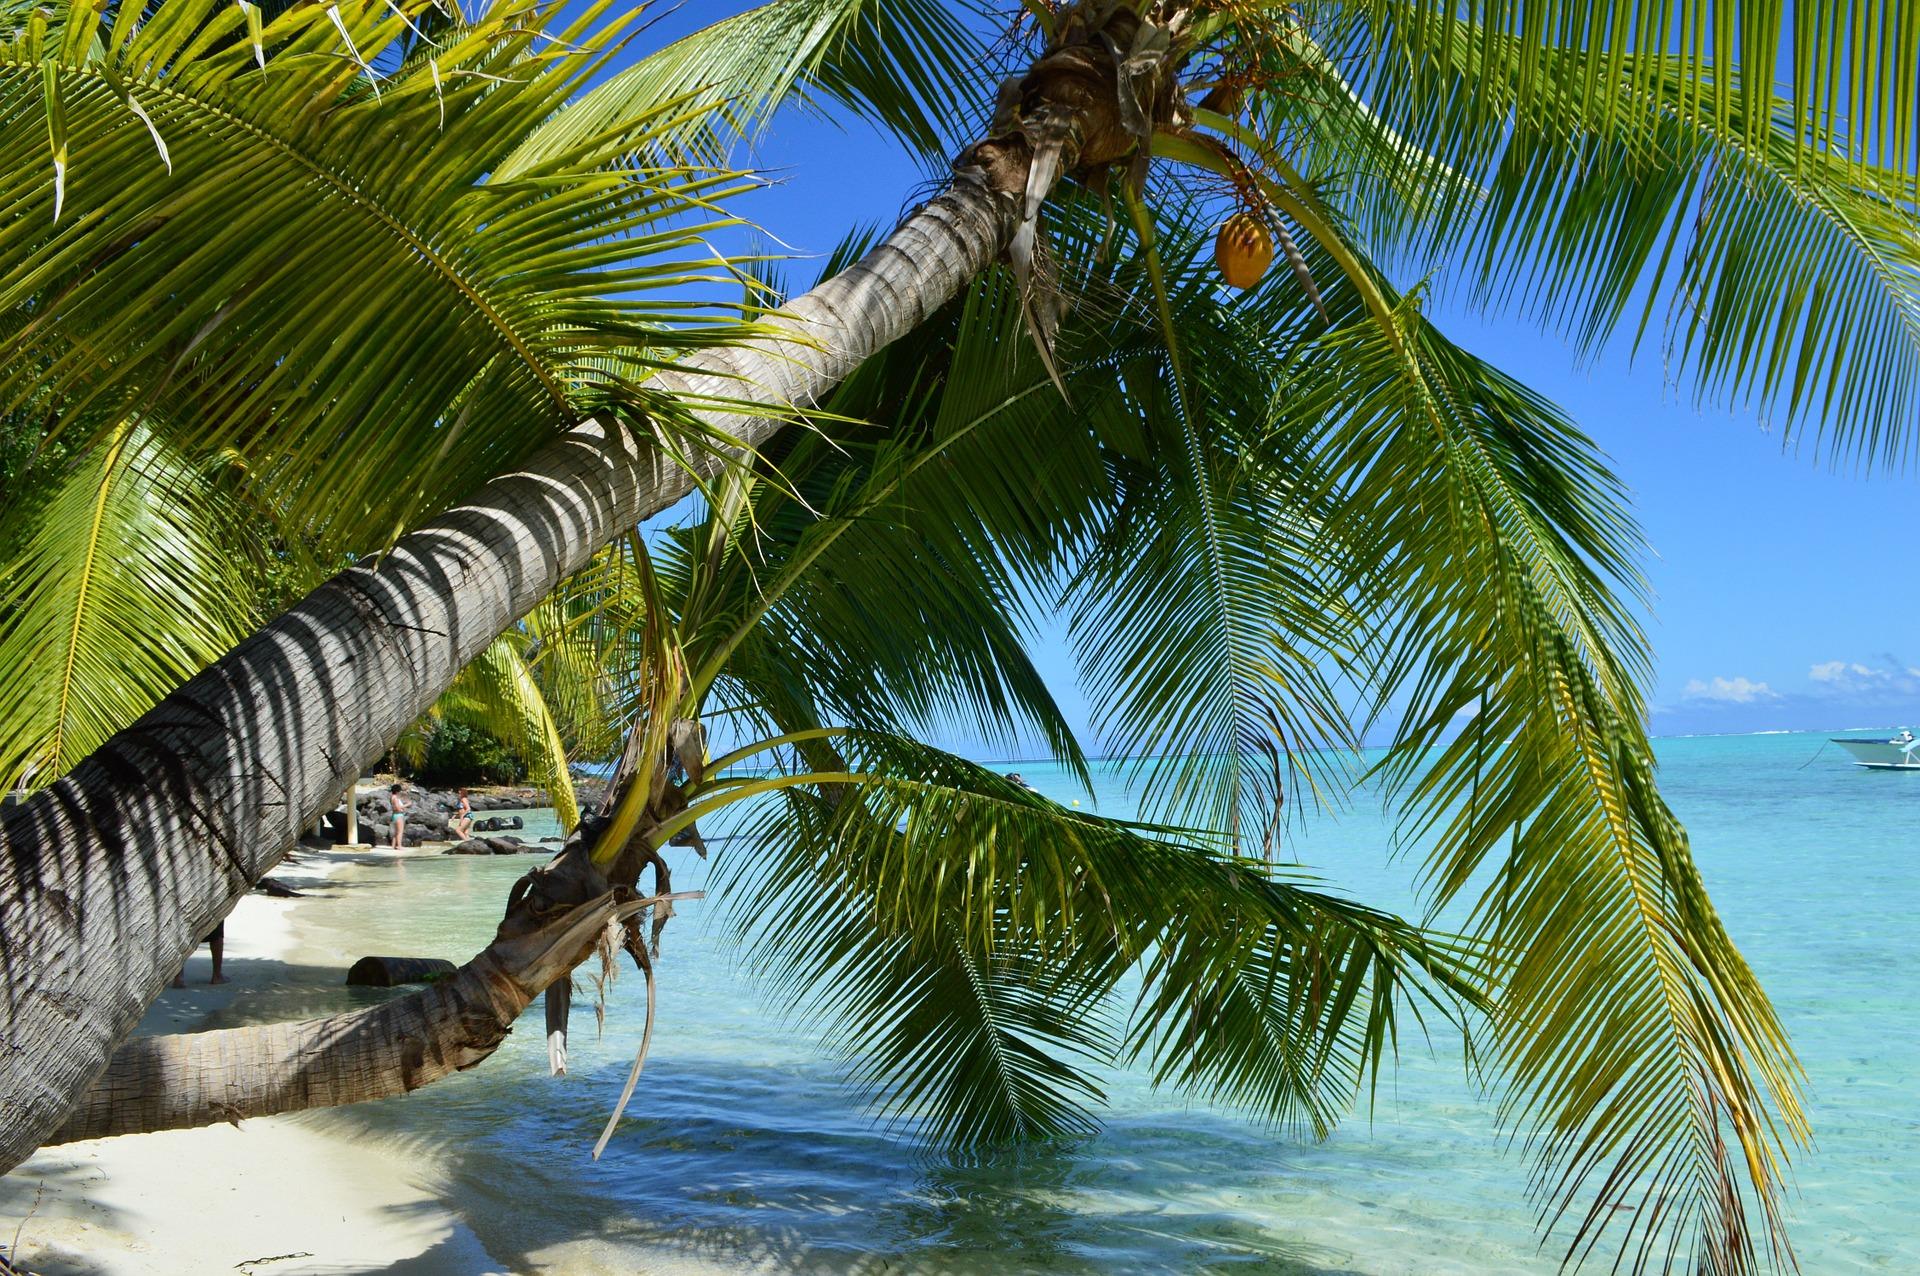 Beach in Bora Bora